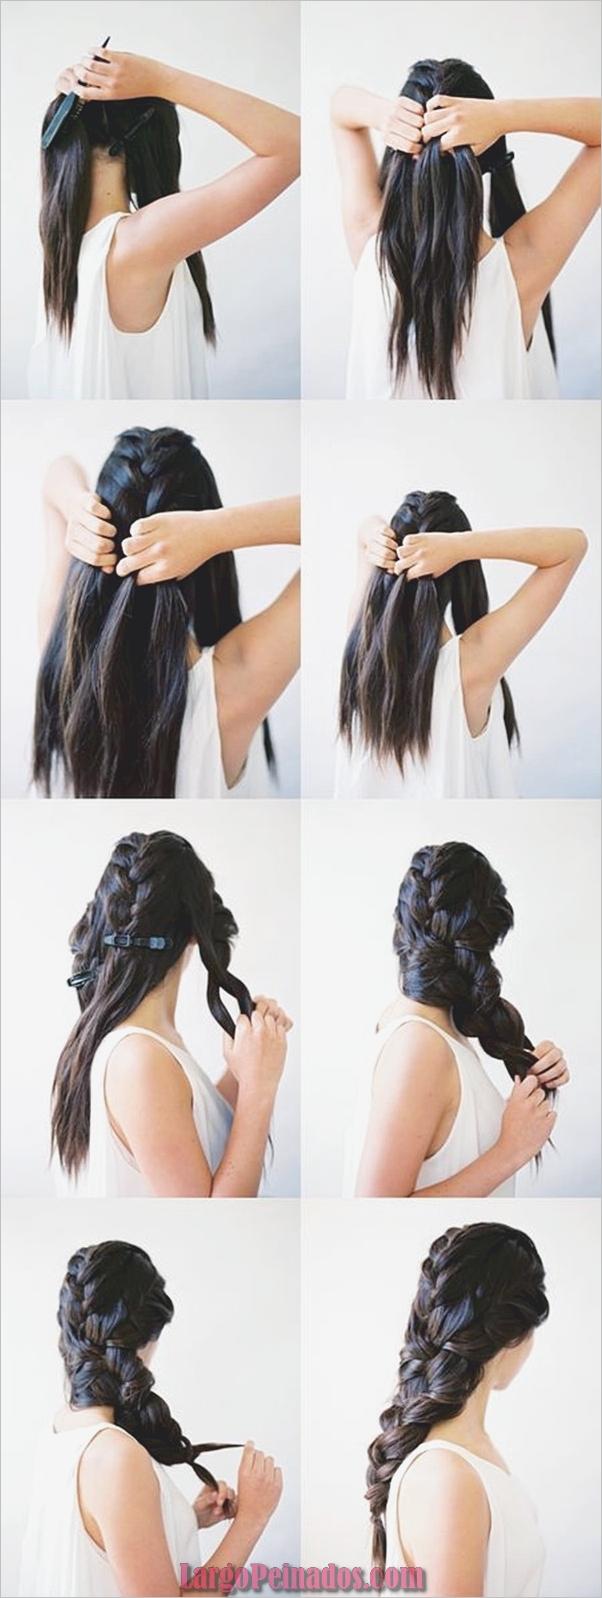 Peinados fáciles paso a paso para cabello largo8